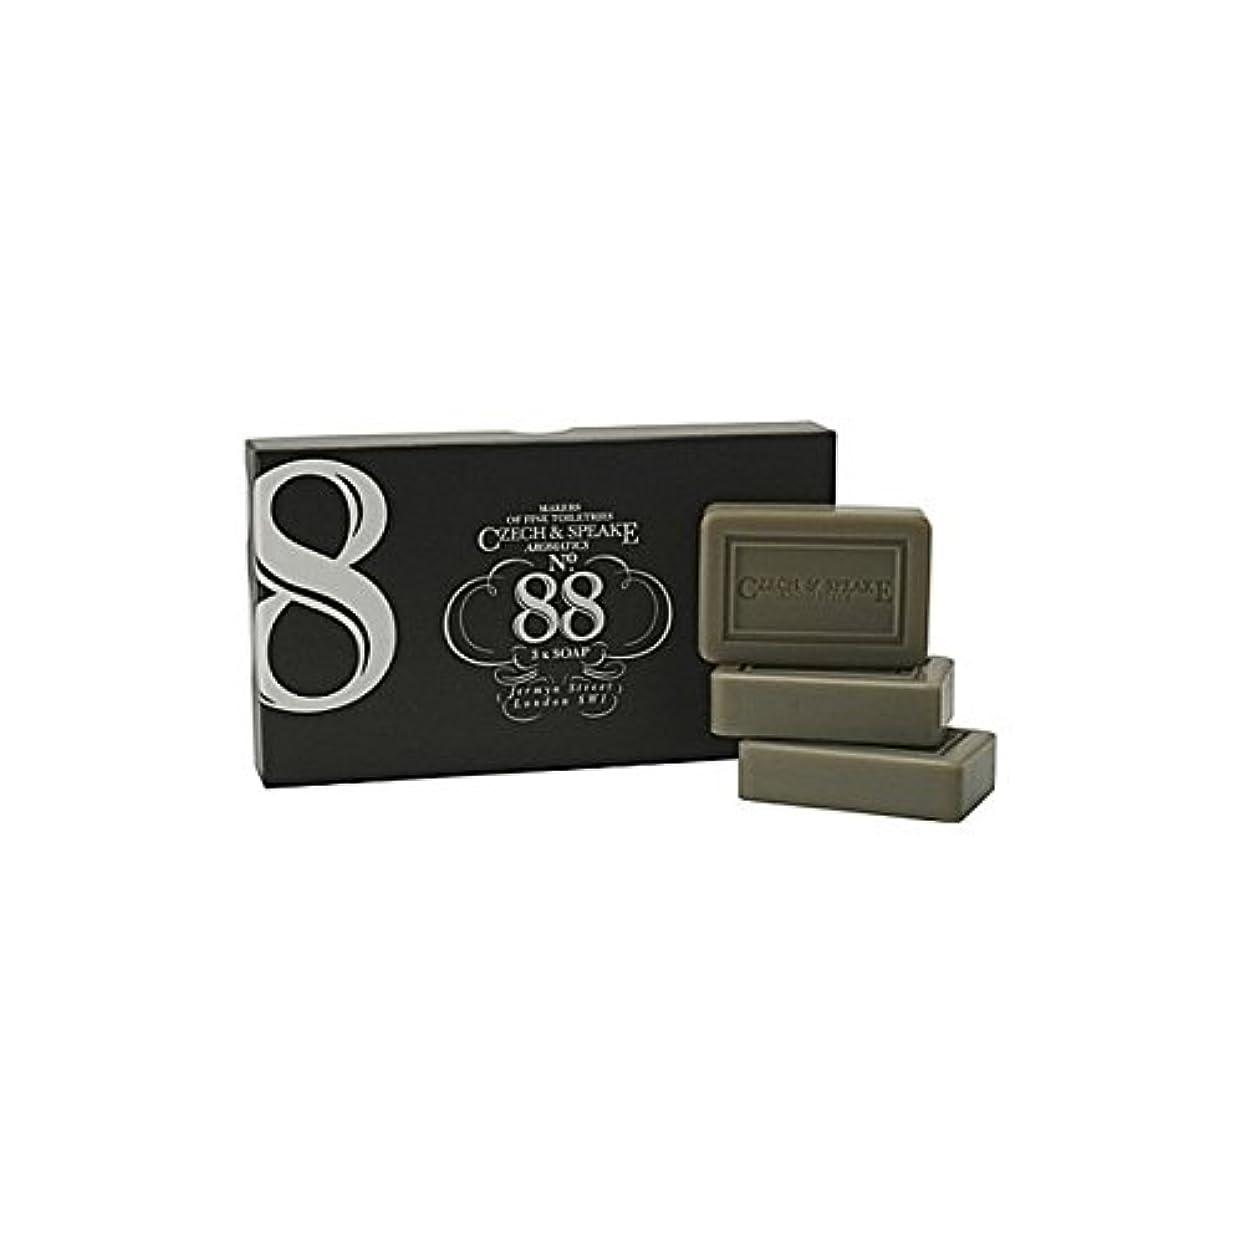 ティーンエイジャー十分ではない考慮チェコ&スピーク.88ソープセット x2 - Czech & Speake No.88 Soap Set (Pack of 2) [並行輸入品]